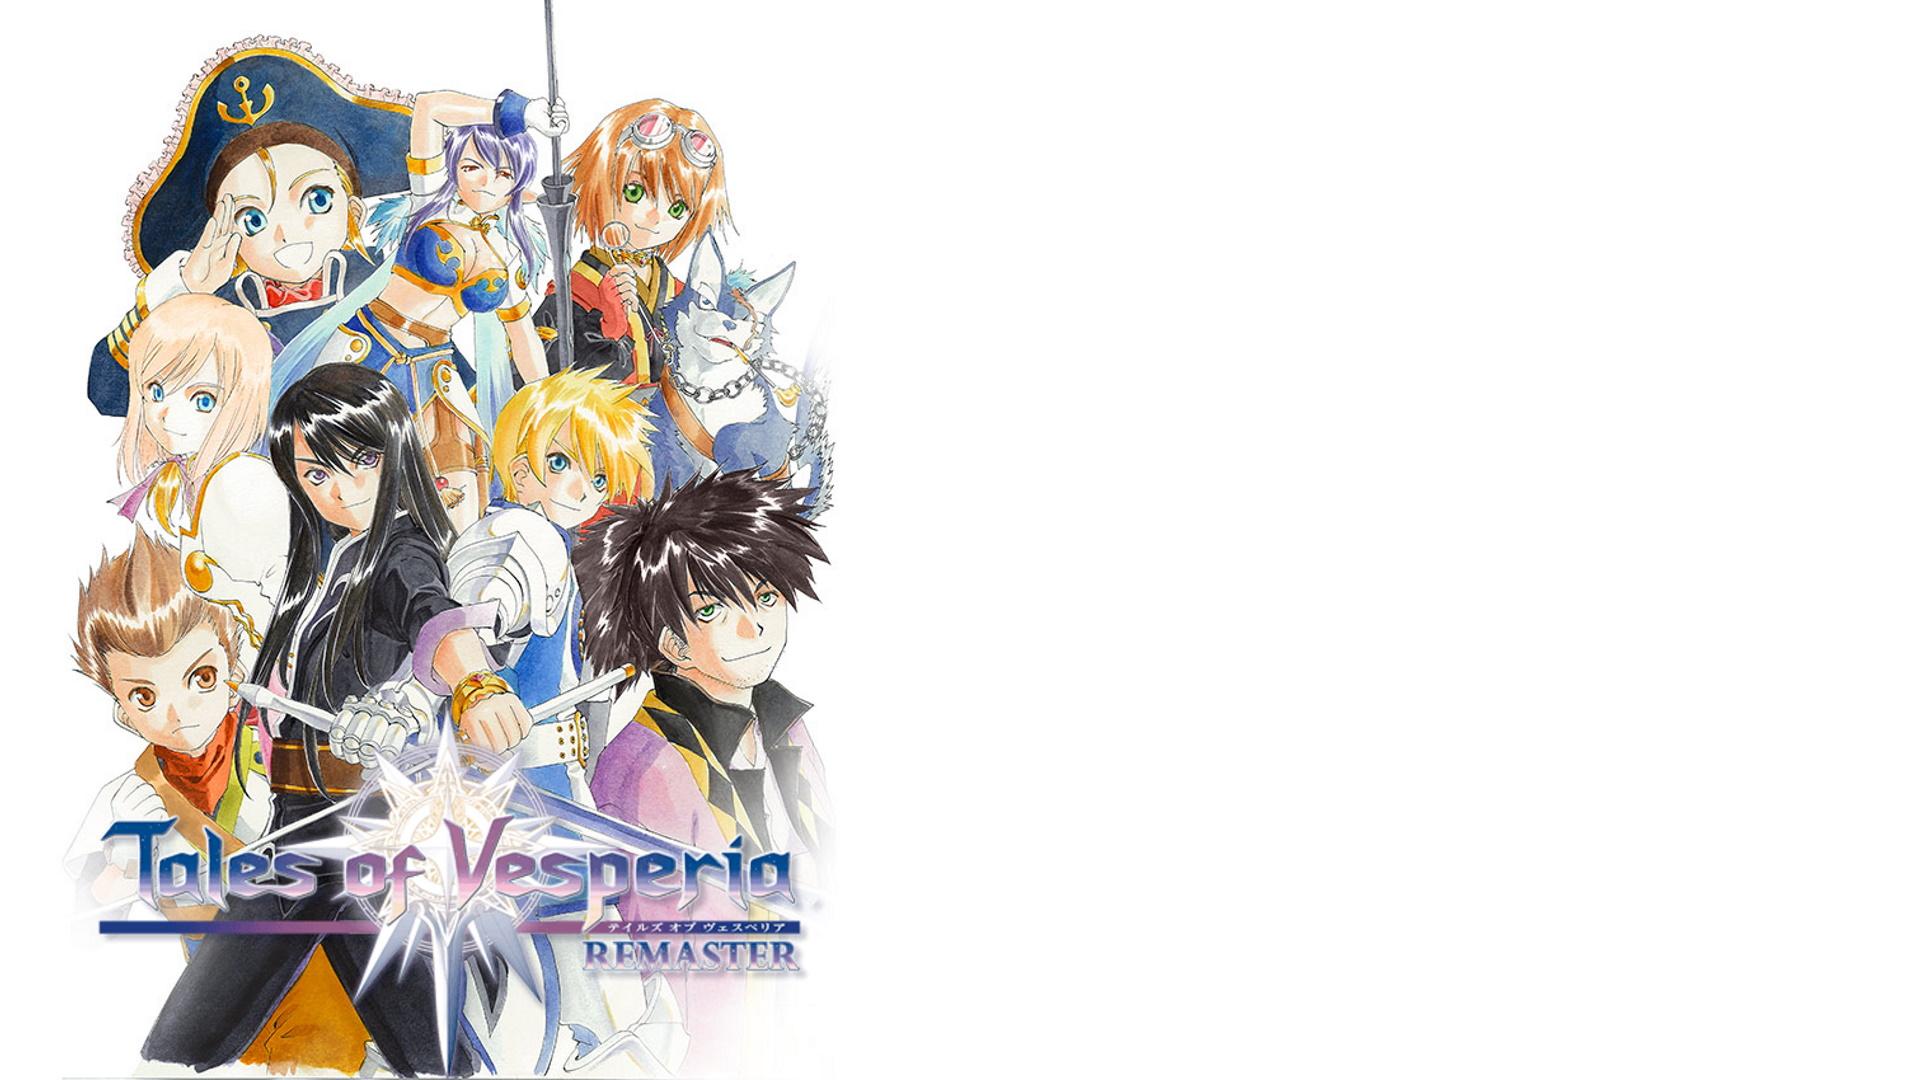 「テイルズ オブ ヴェスペリア REMASTER」、近くに集まっているプレイ可能なキャラクターの一団。